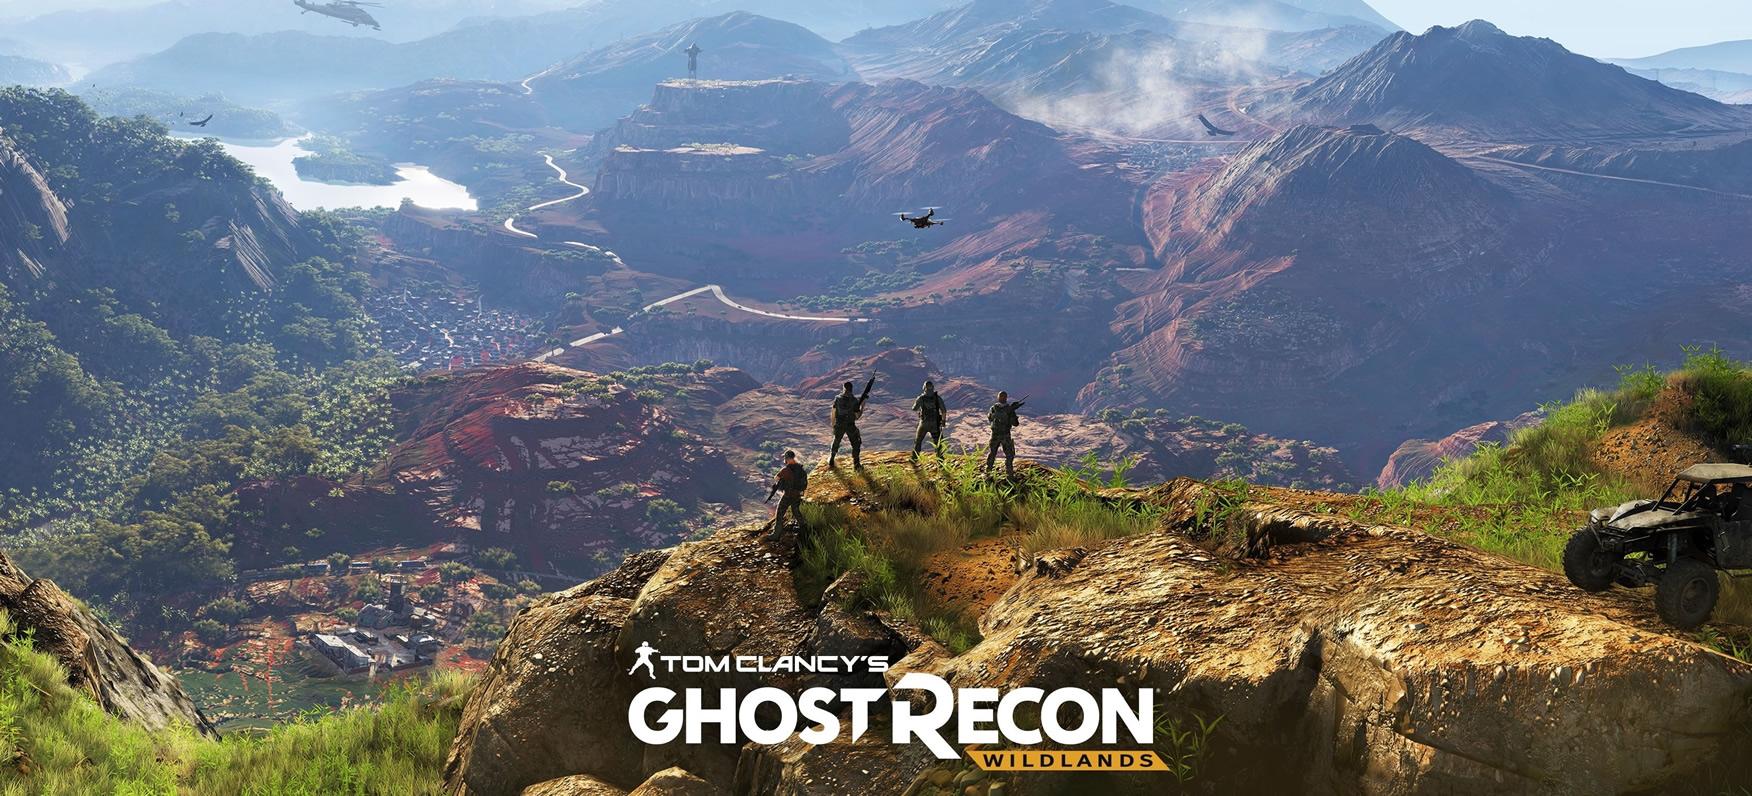 Ghost Recon: Wildlands estrena tráiler de lanzamiento